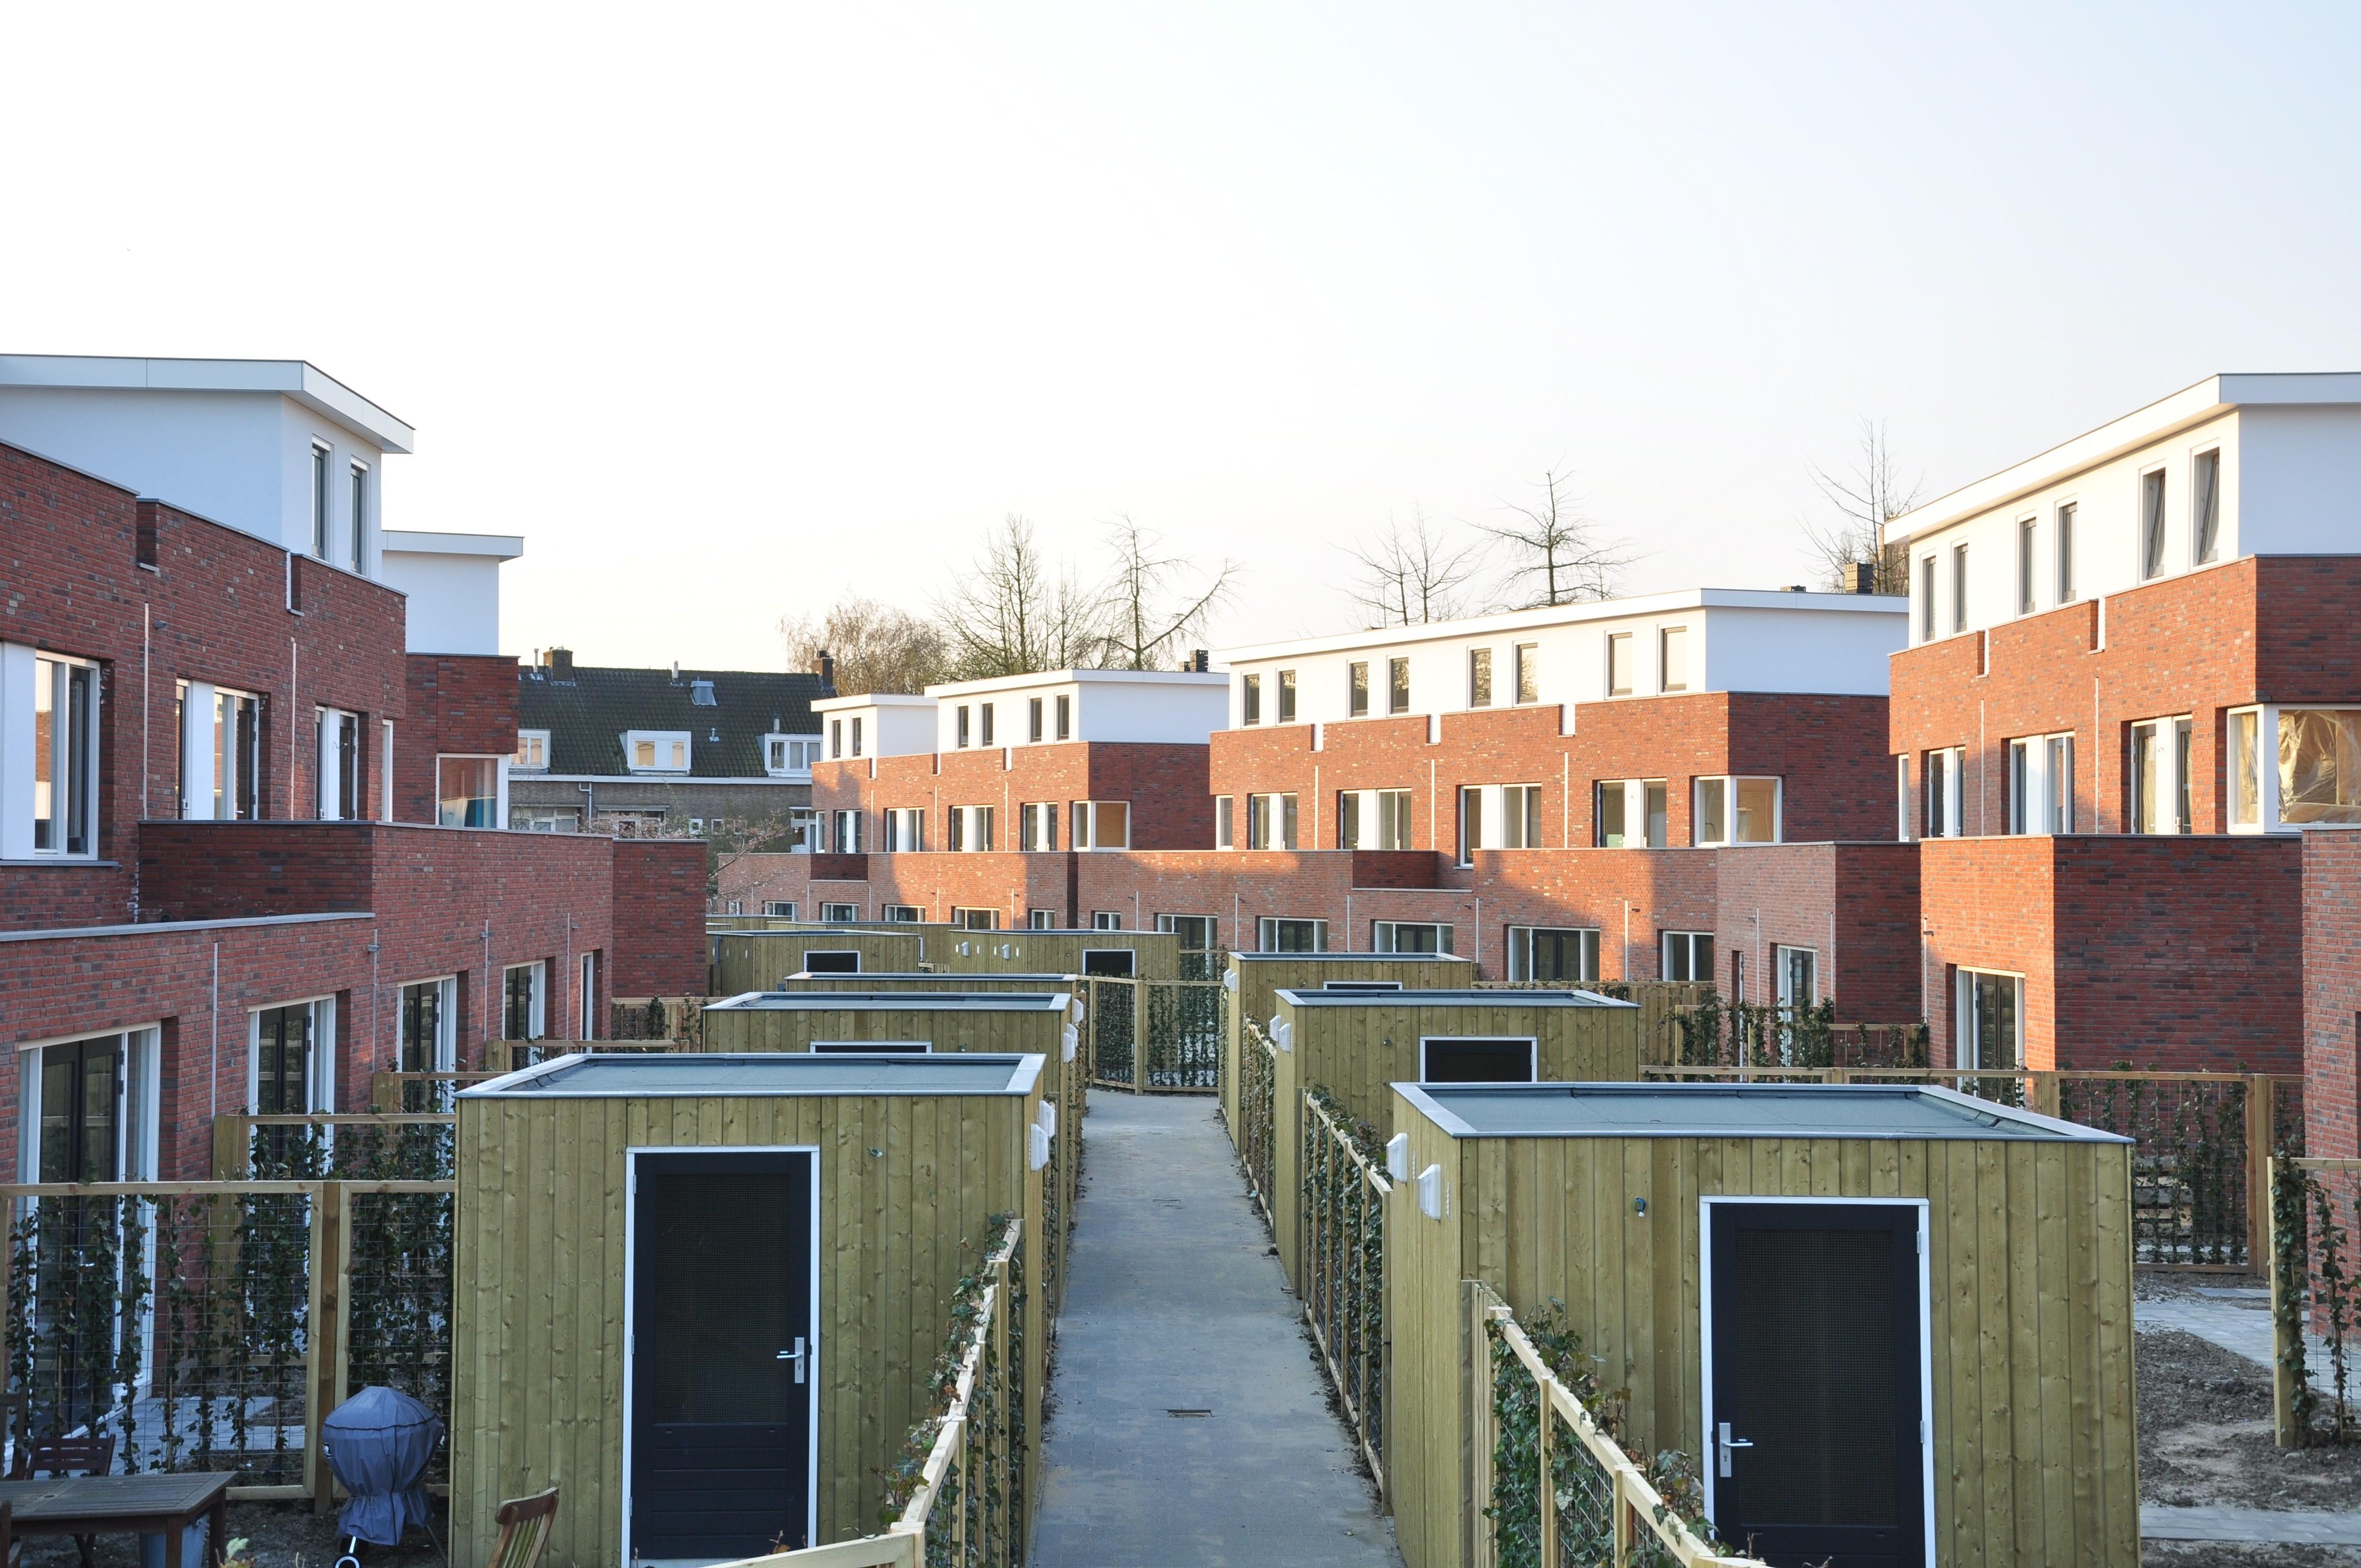 BKT_HOYT_Rotterdam_schiebroek_nieuwbouw_herenhuizen_herstructurering_toezicht_directievoering_woonmodule_05.5.jpg